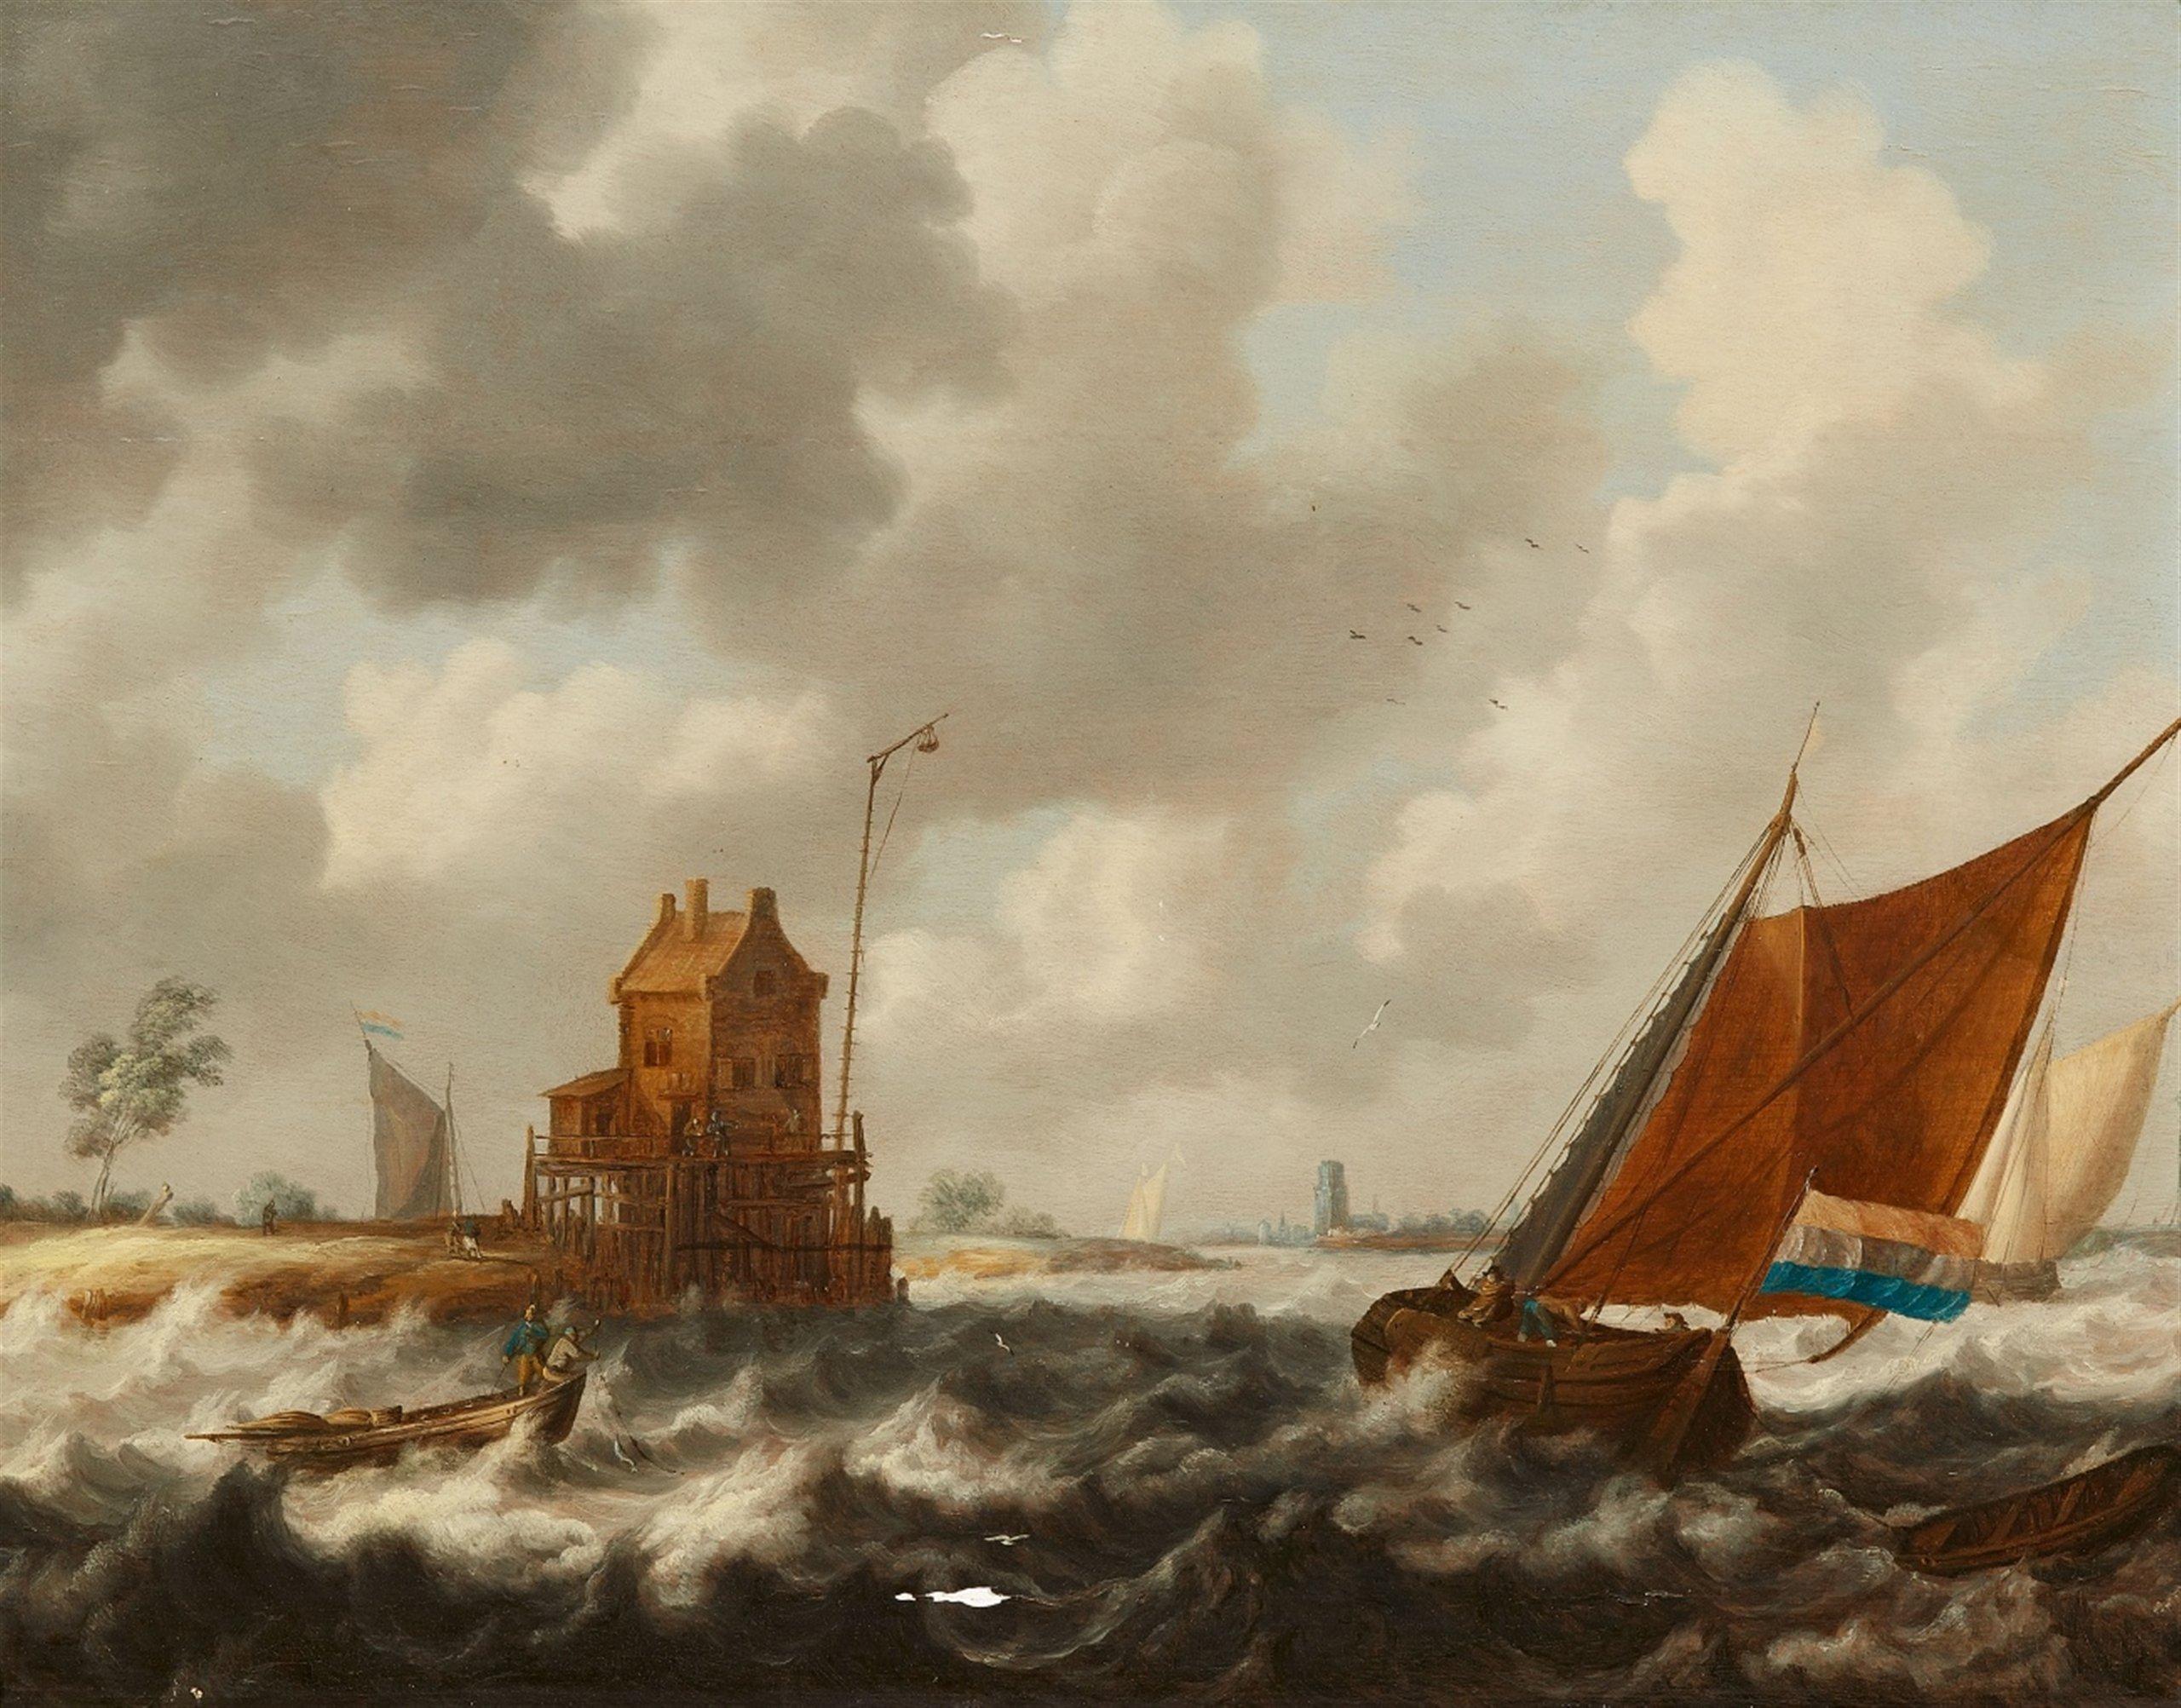 Bonaventura Peeters (Anvers 1614 - 1652 Hoboken), Paysage avec bateaux de pêcheurs - Lempertz. Estimation: 7000€ - 9000€